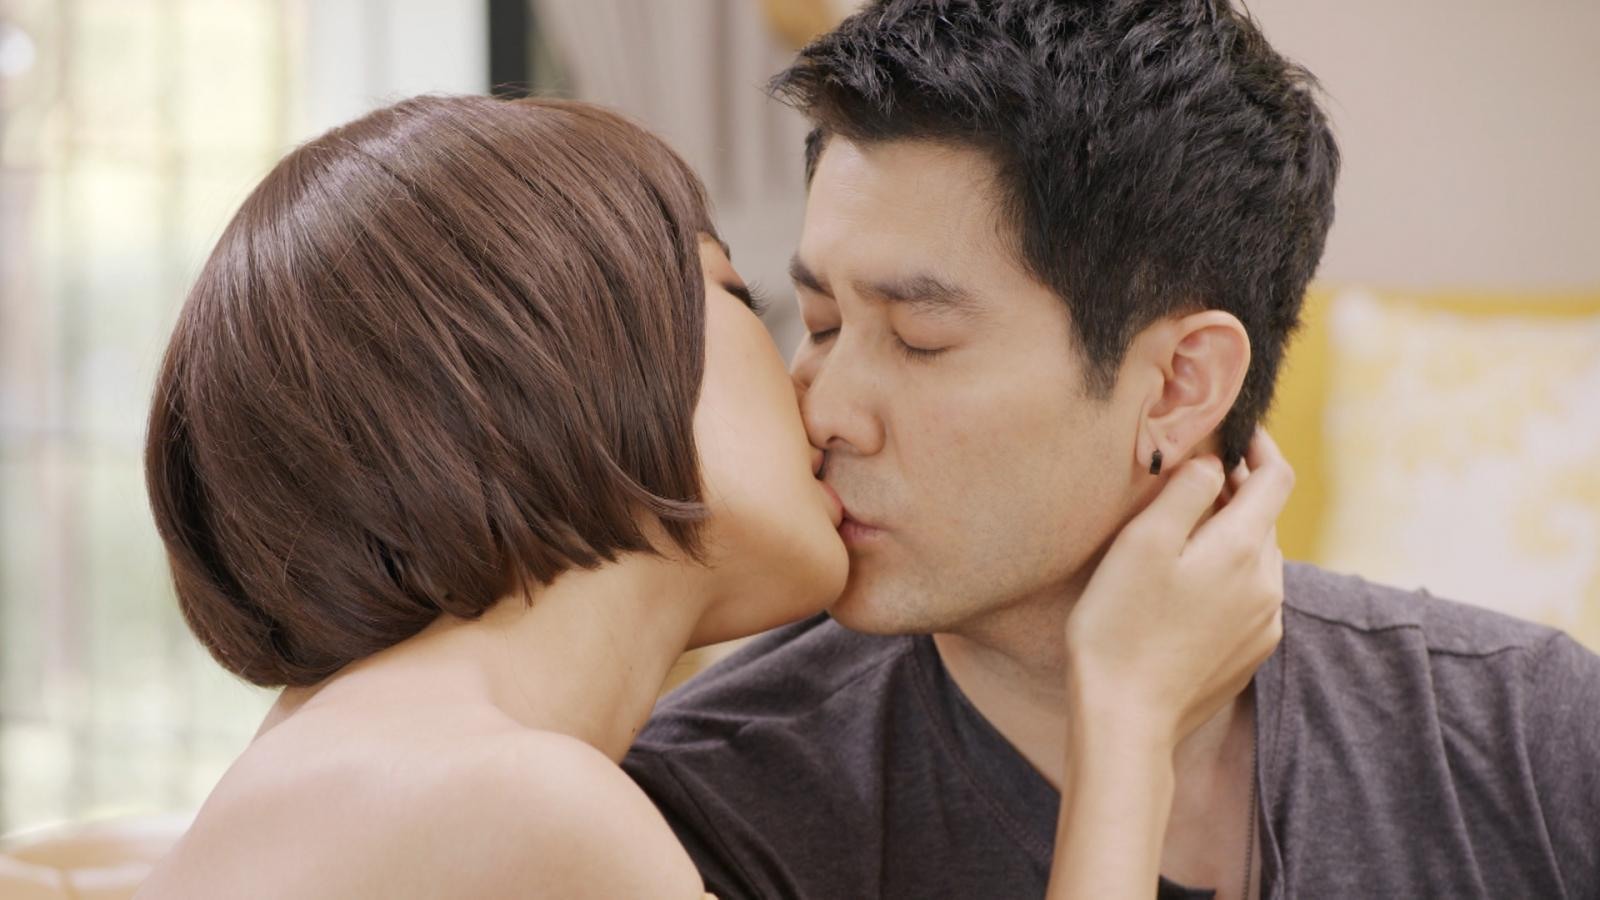 กลับไปสู่วันฝัน EP.23 | ฟินสุด | จูบขนาดนี้ เอ็นดูขนาดไหน | PPTV HD 36